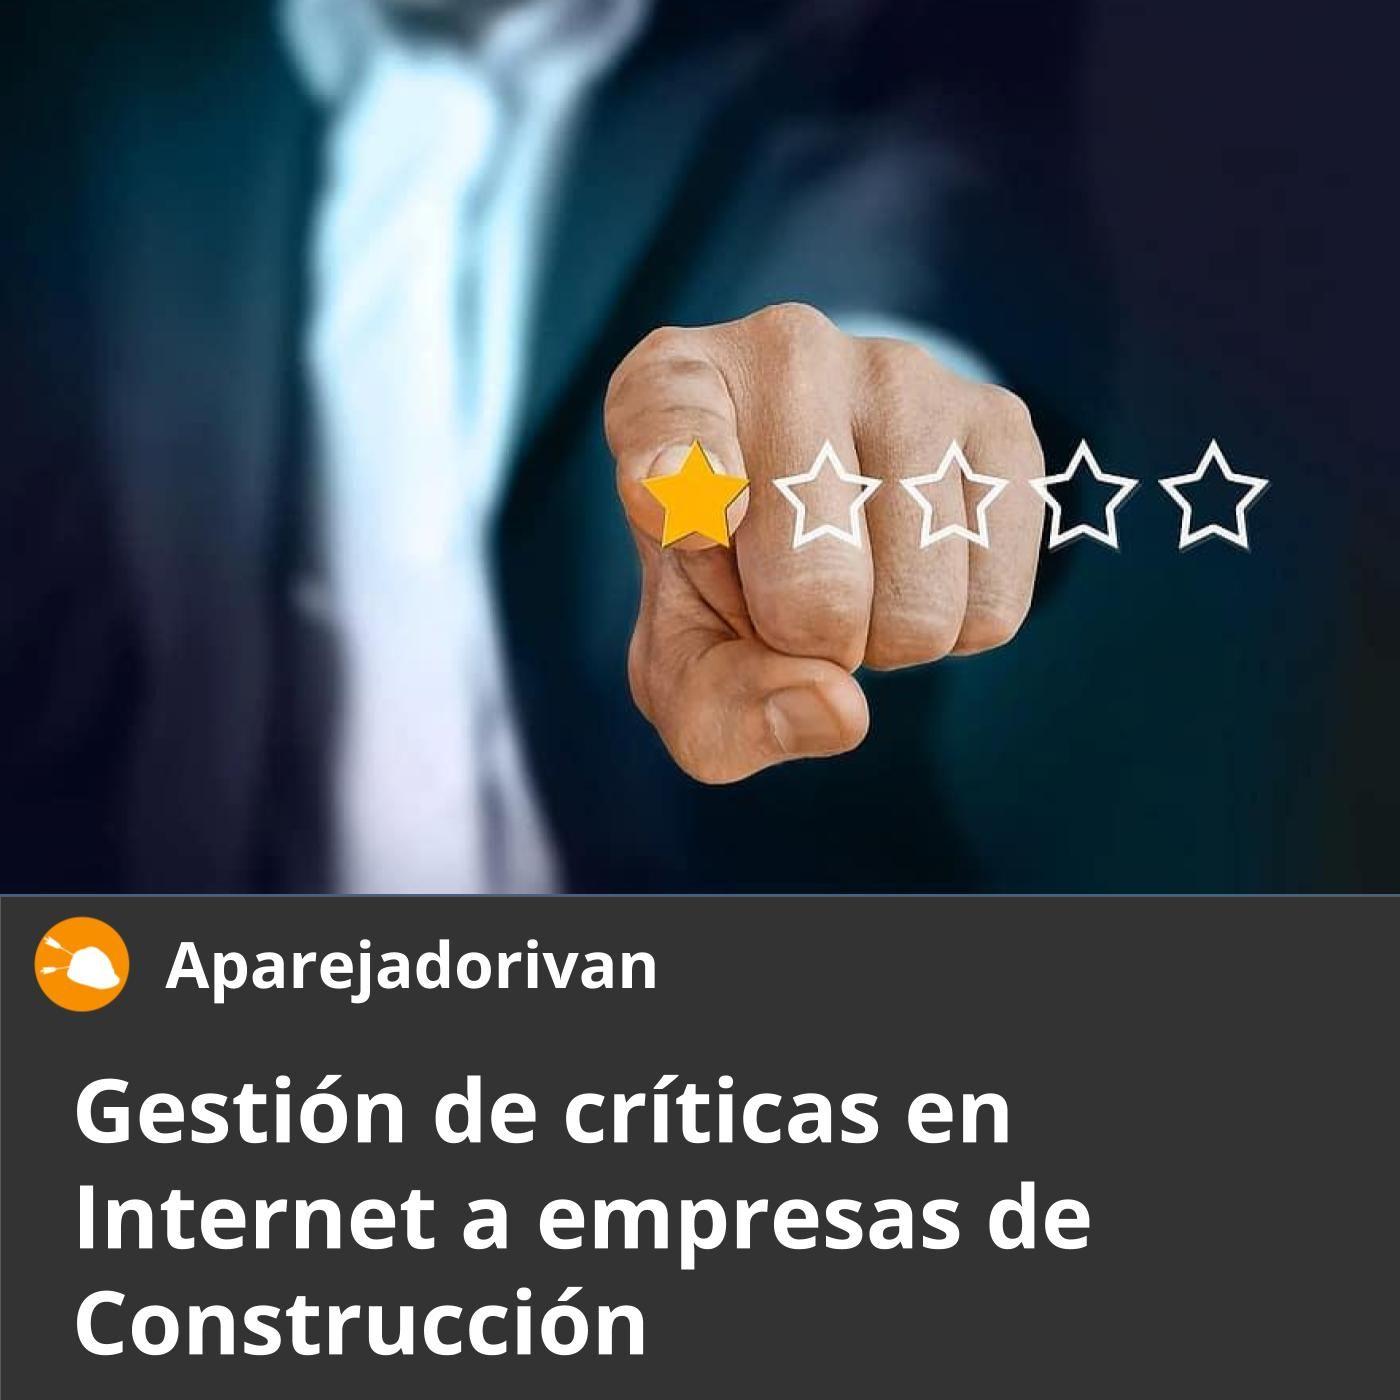 gestion de criticas en internet a empresas de construccion